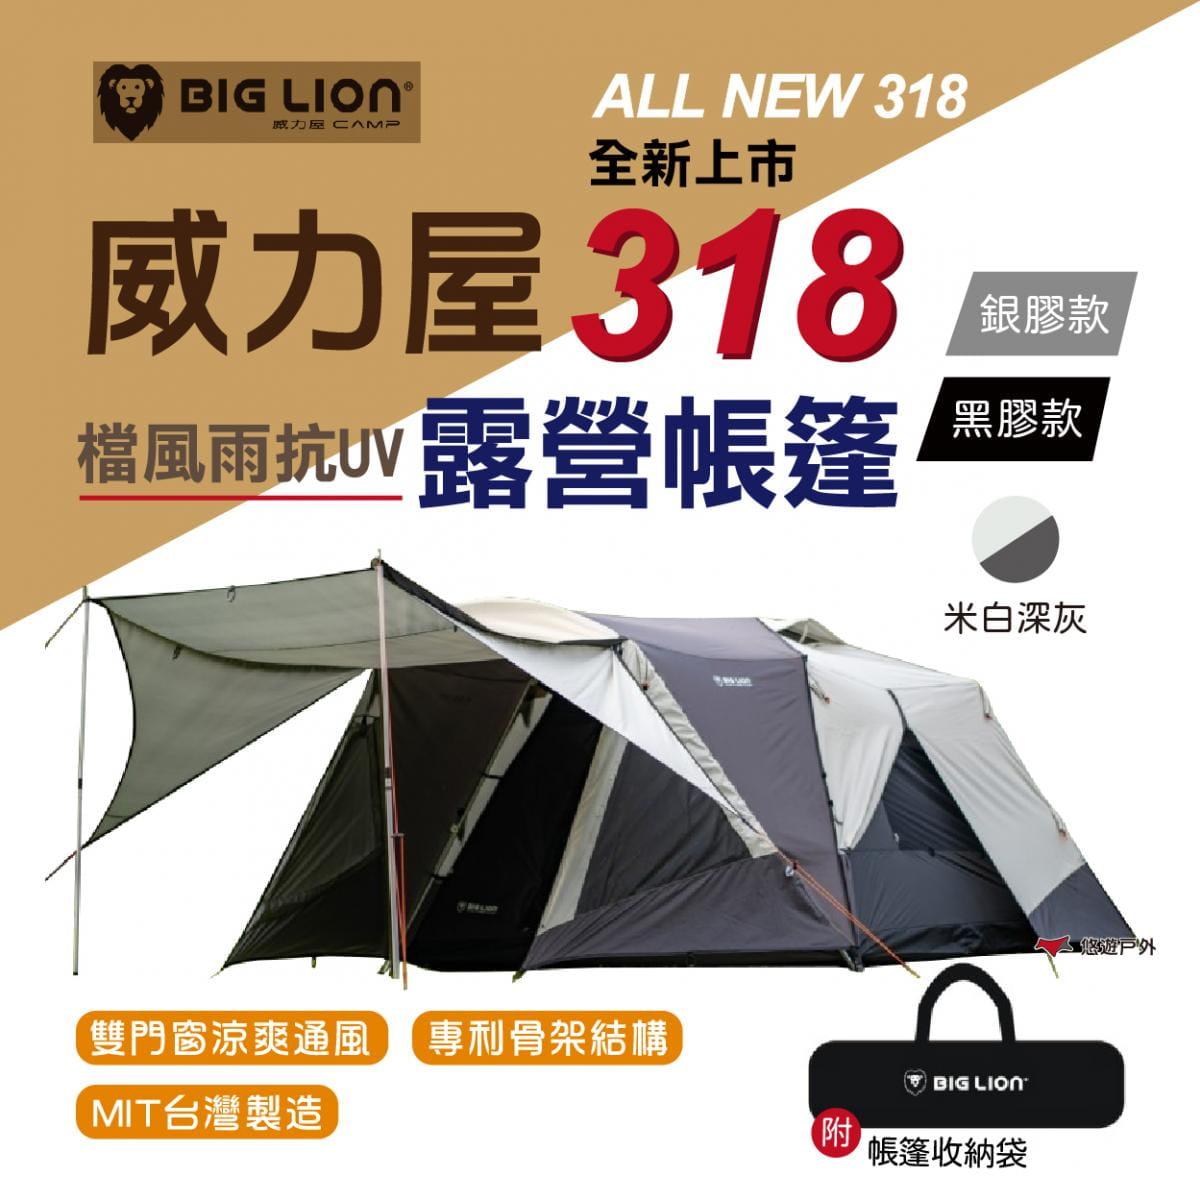 【威力屋】318帳篷 銀膠 米白深灰款 登山露營 帳篷 防水 防寒 夏日隔熱 耐水壓 快速安裝